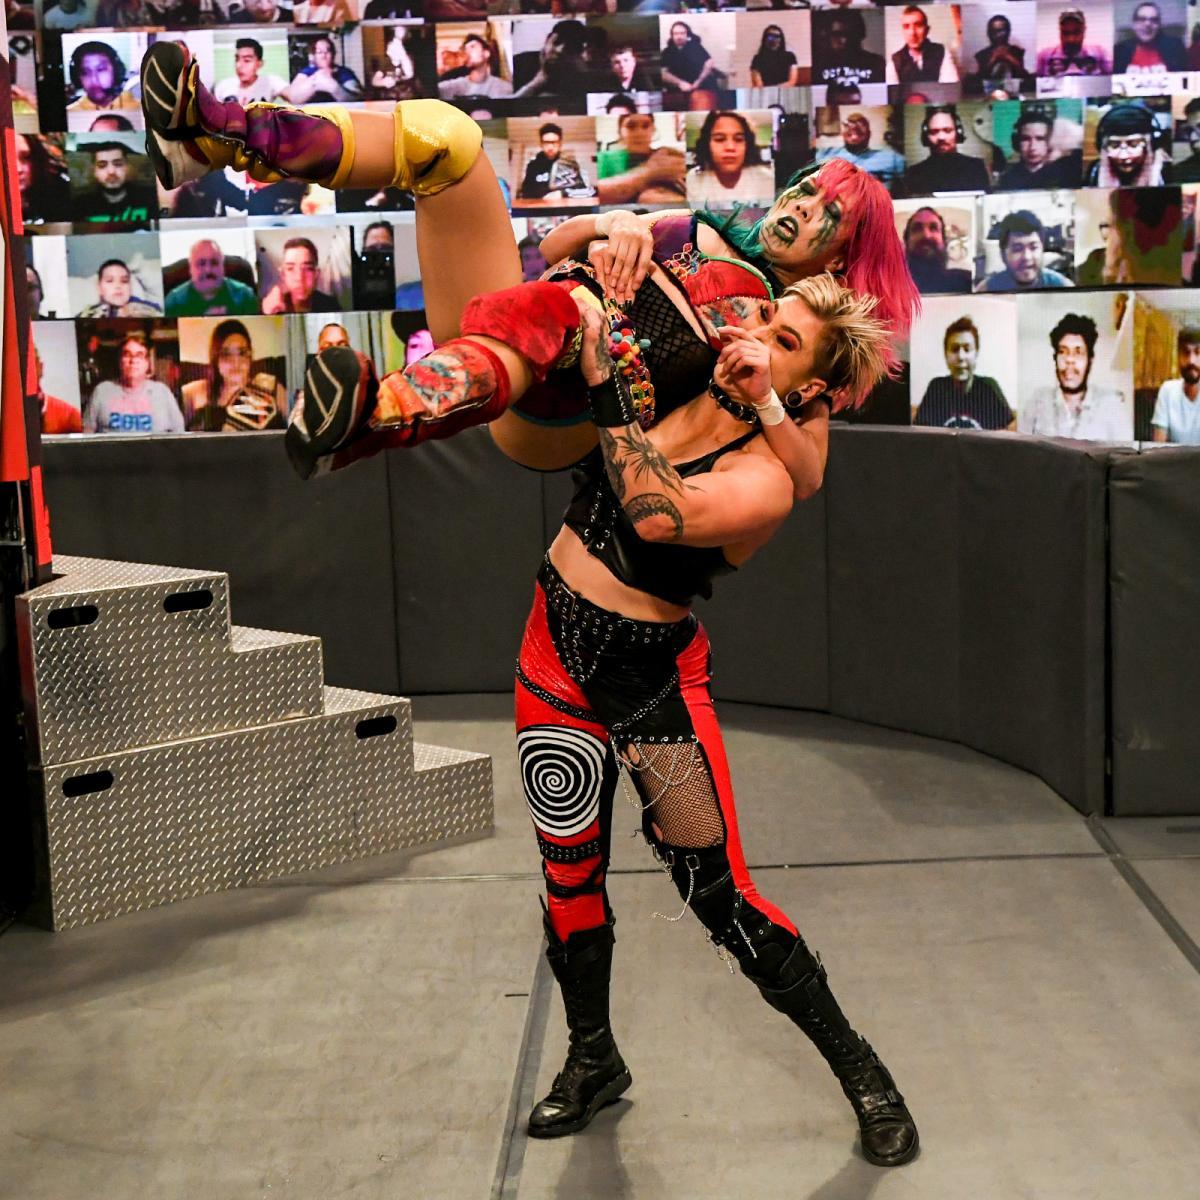 タッグを組んでいたリア・リプリー(右)に襲撃を受けたロウ女子王者アスカ(C)2021 WWE, Inc. All Rights Reserved.